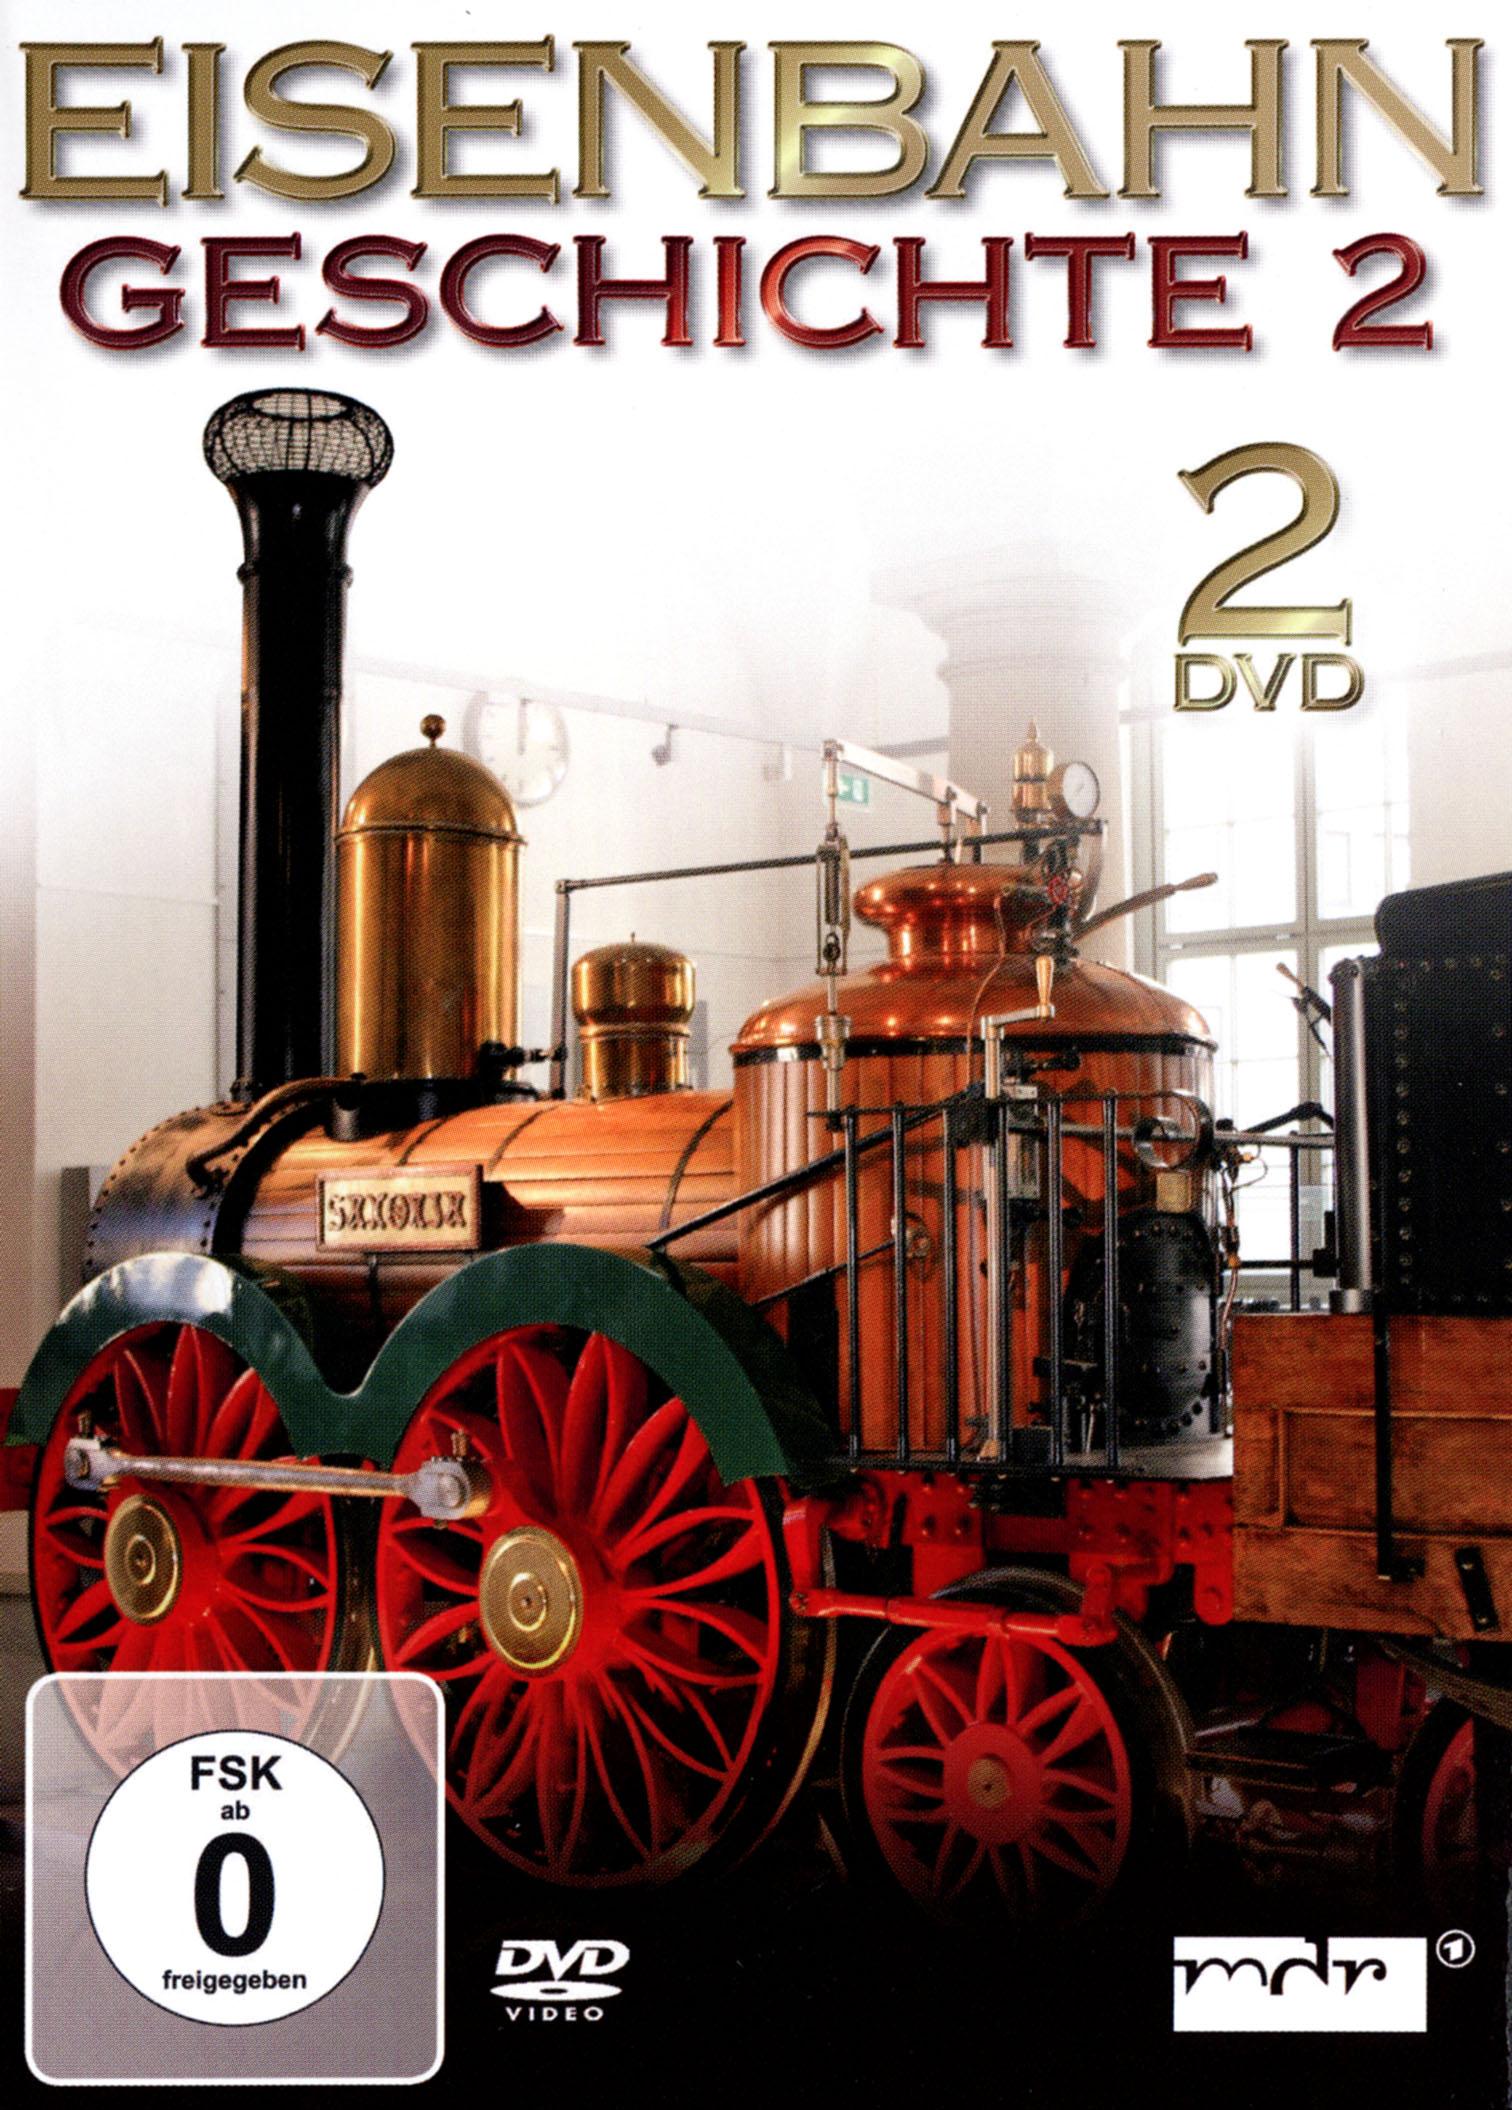 Eisenbahn Geschichte 2